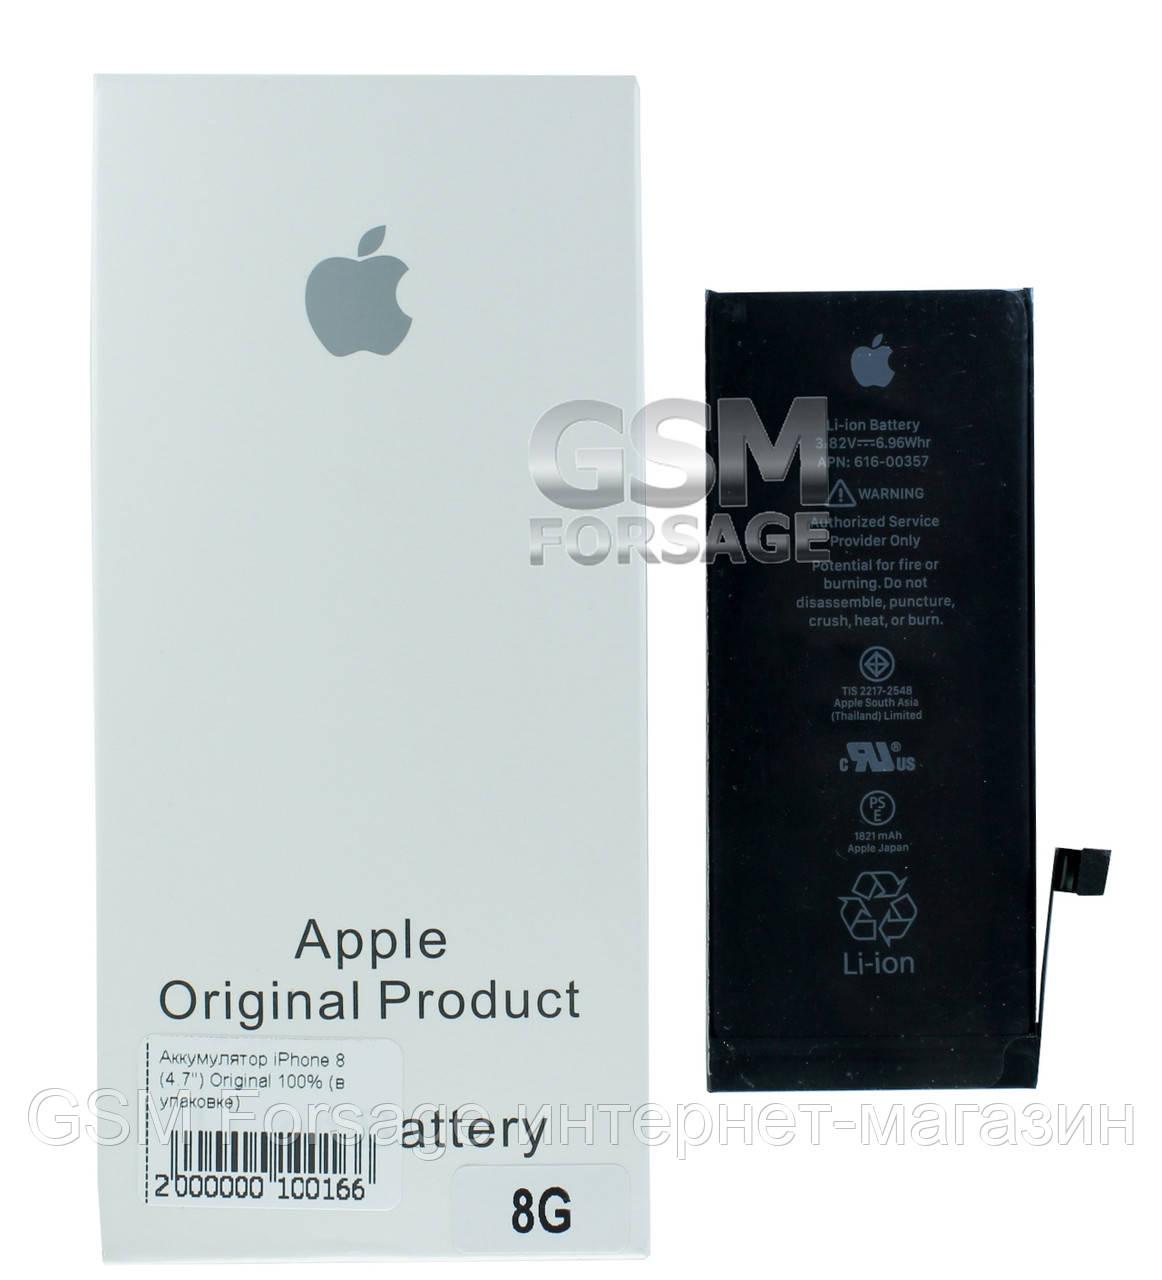 """Аккумулятор iPhone 8 (4.7"""") Original 100% (в упаковке)"""